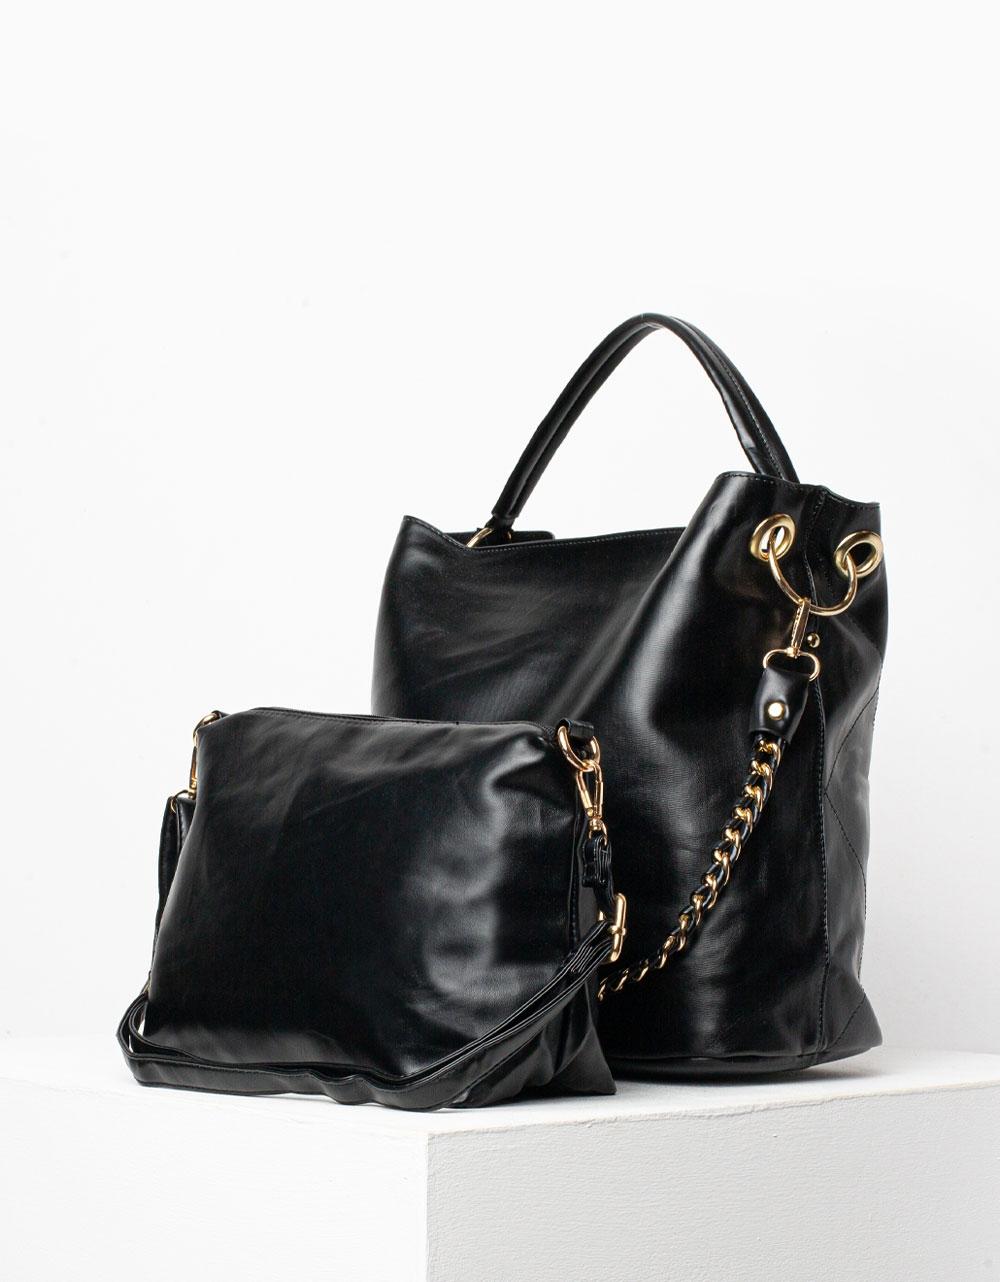 Εικόνα από Γυναικεία τσάντα με διακοσμητικές ραφές και τσαντάκι νεσεσέρ Μαύρο